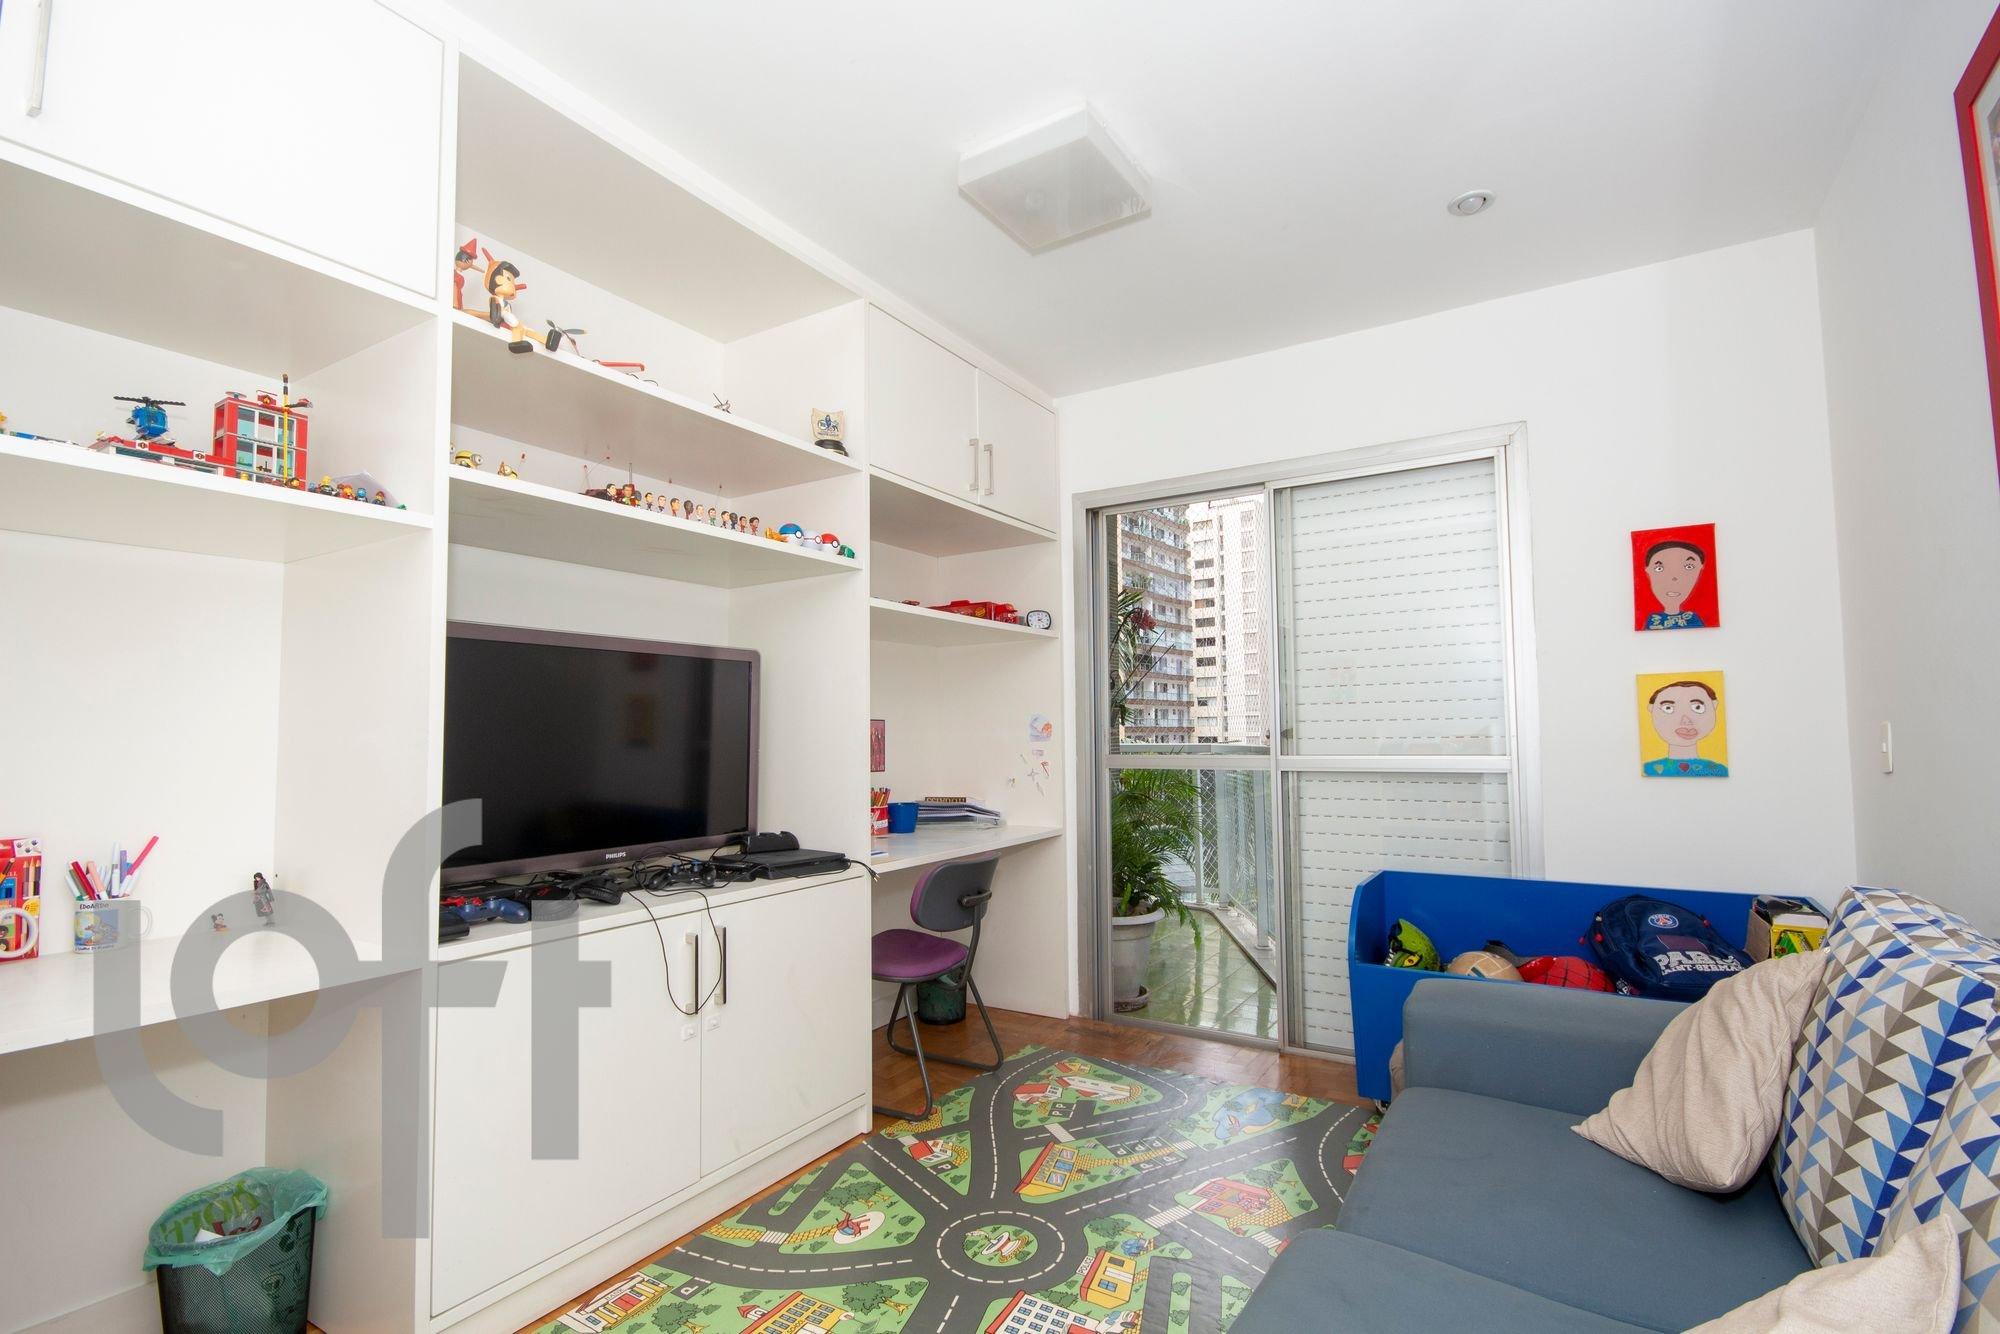 Foto de Quarto com sofá, televisão, cadeira